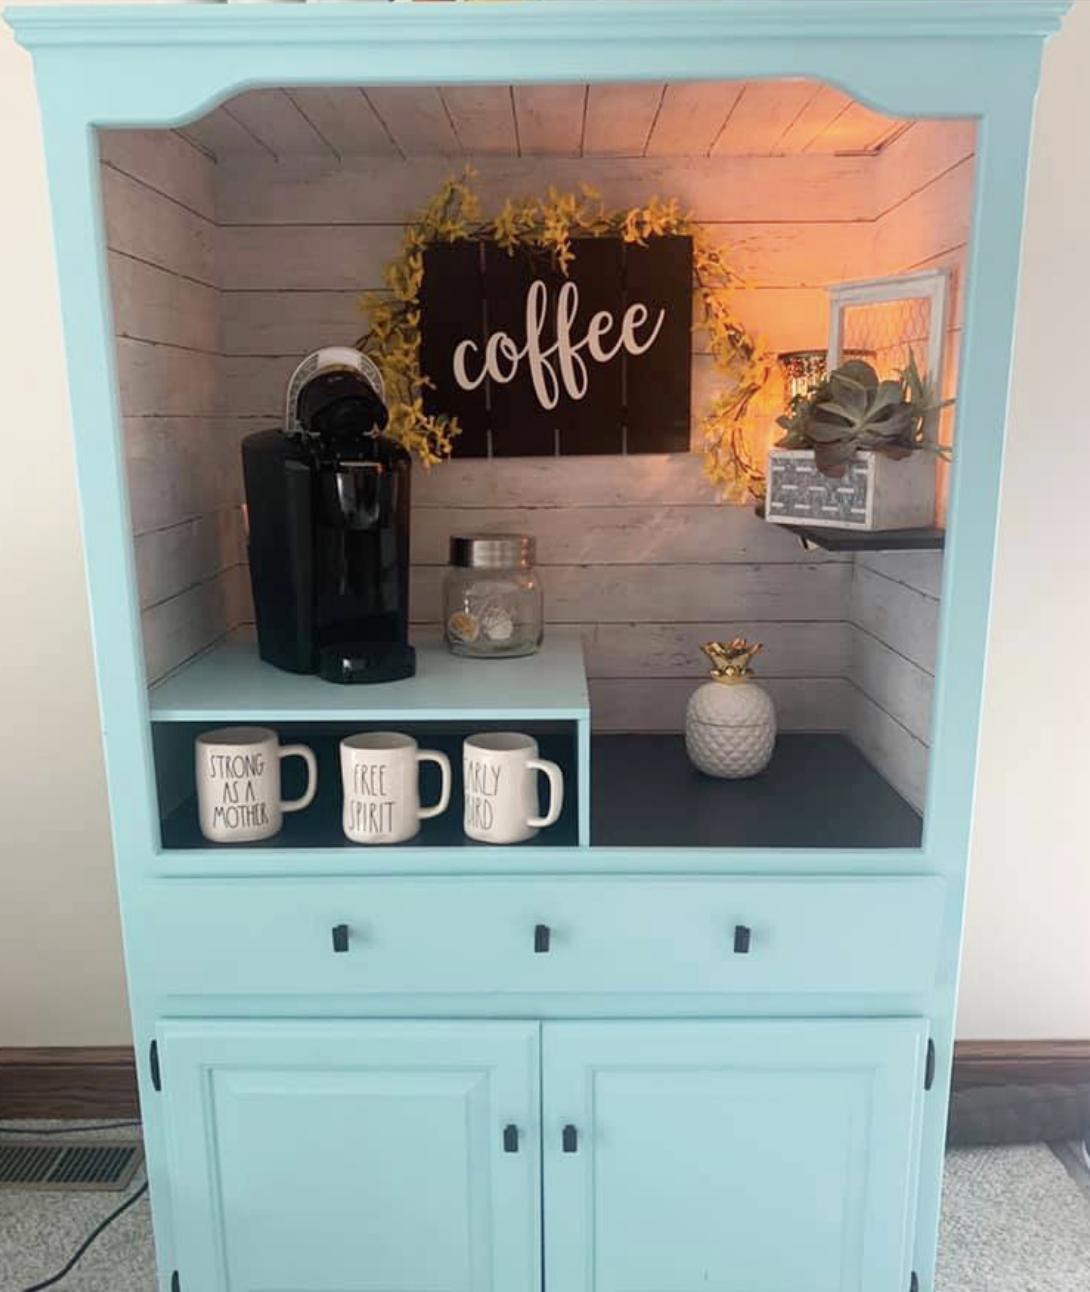 Custom coffee sign and mugs